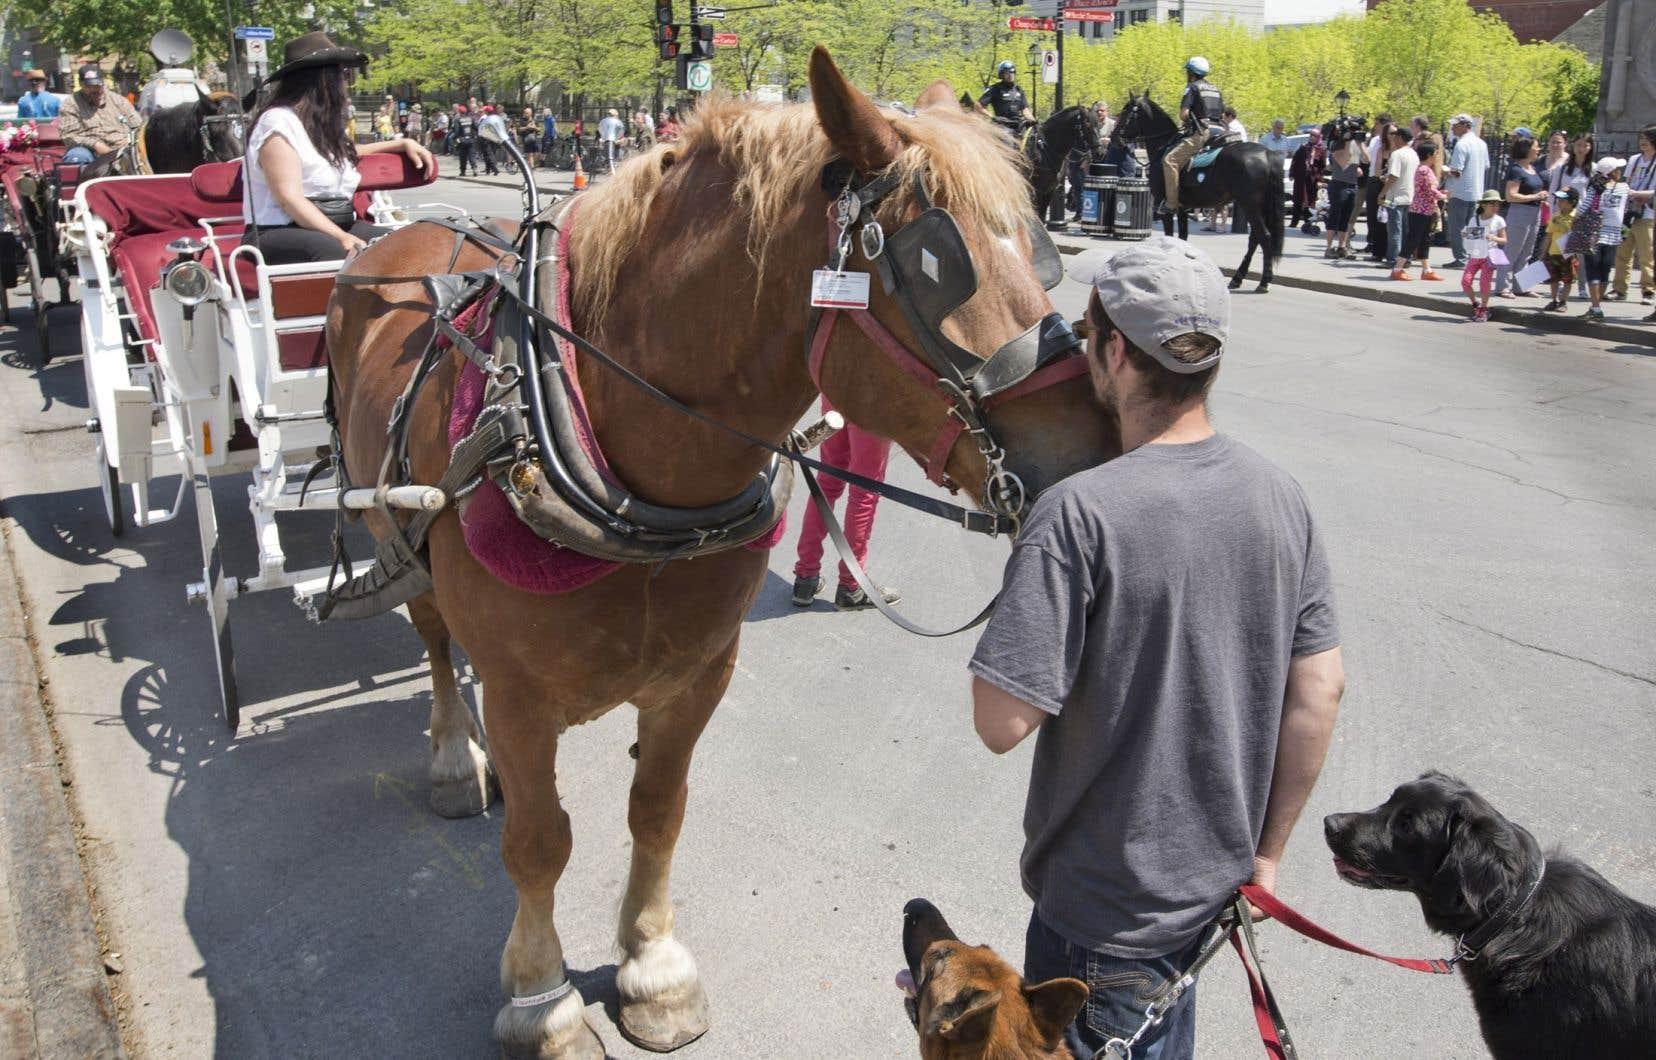 La Ville travaille en collaboration avec Emploi Québec afin d'aider la cinquantaine de caléchiersà trouver un nouvel emploi. Elle a aussi mis en place un programme pour éviter que des chevaux prennent le chemin de l'abattoir.